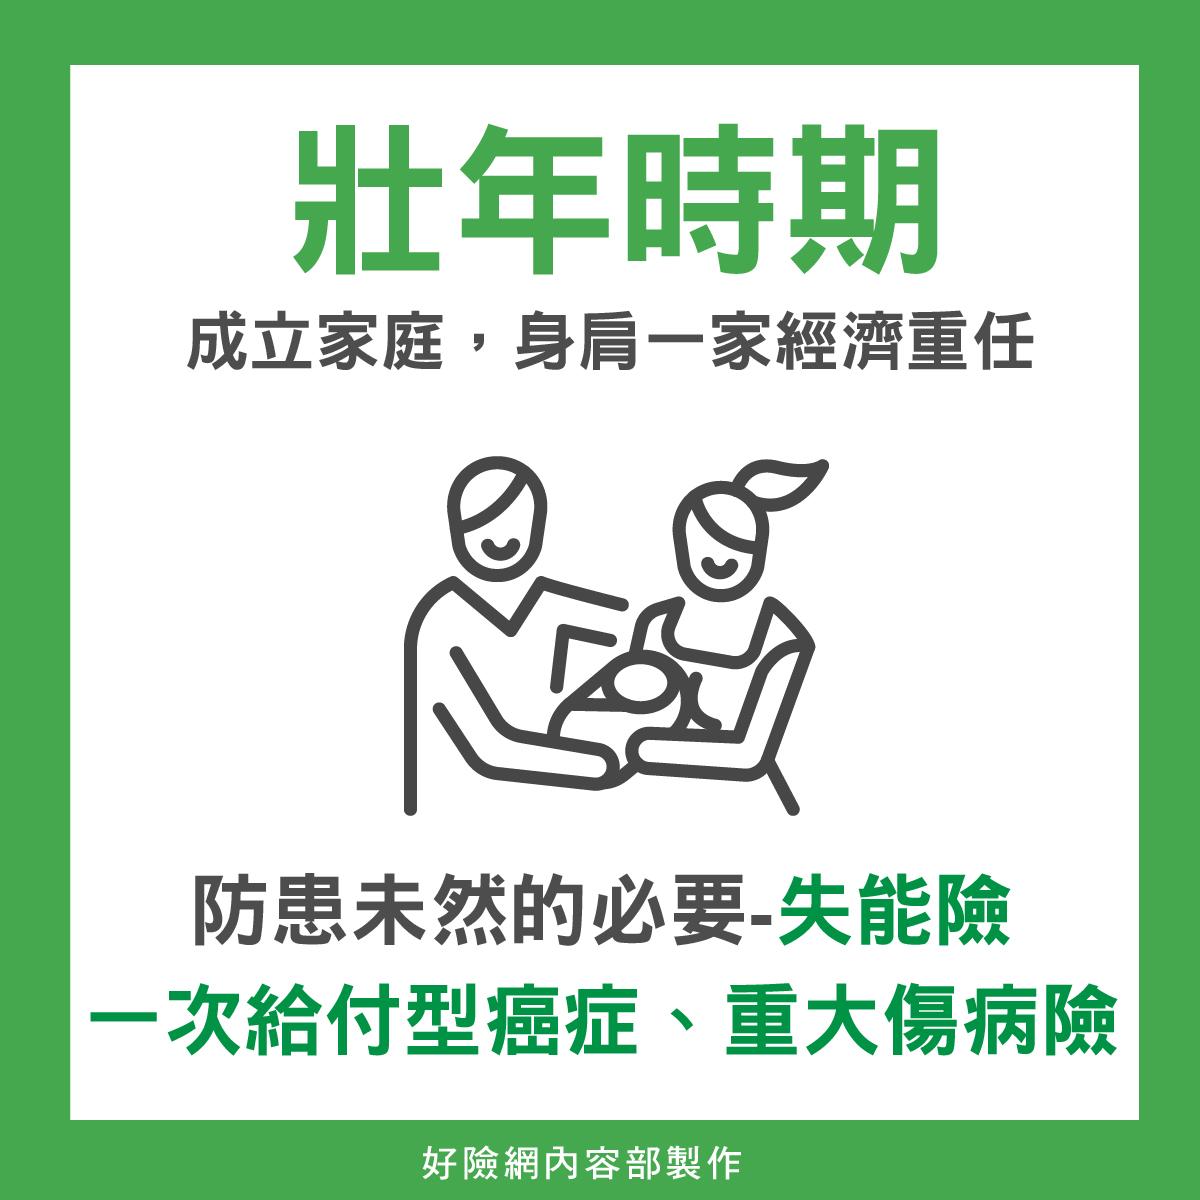 壯年保單規劃